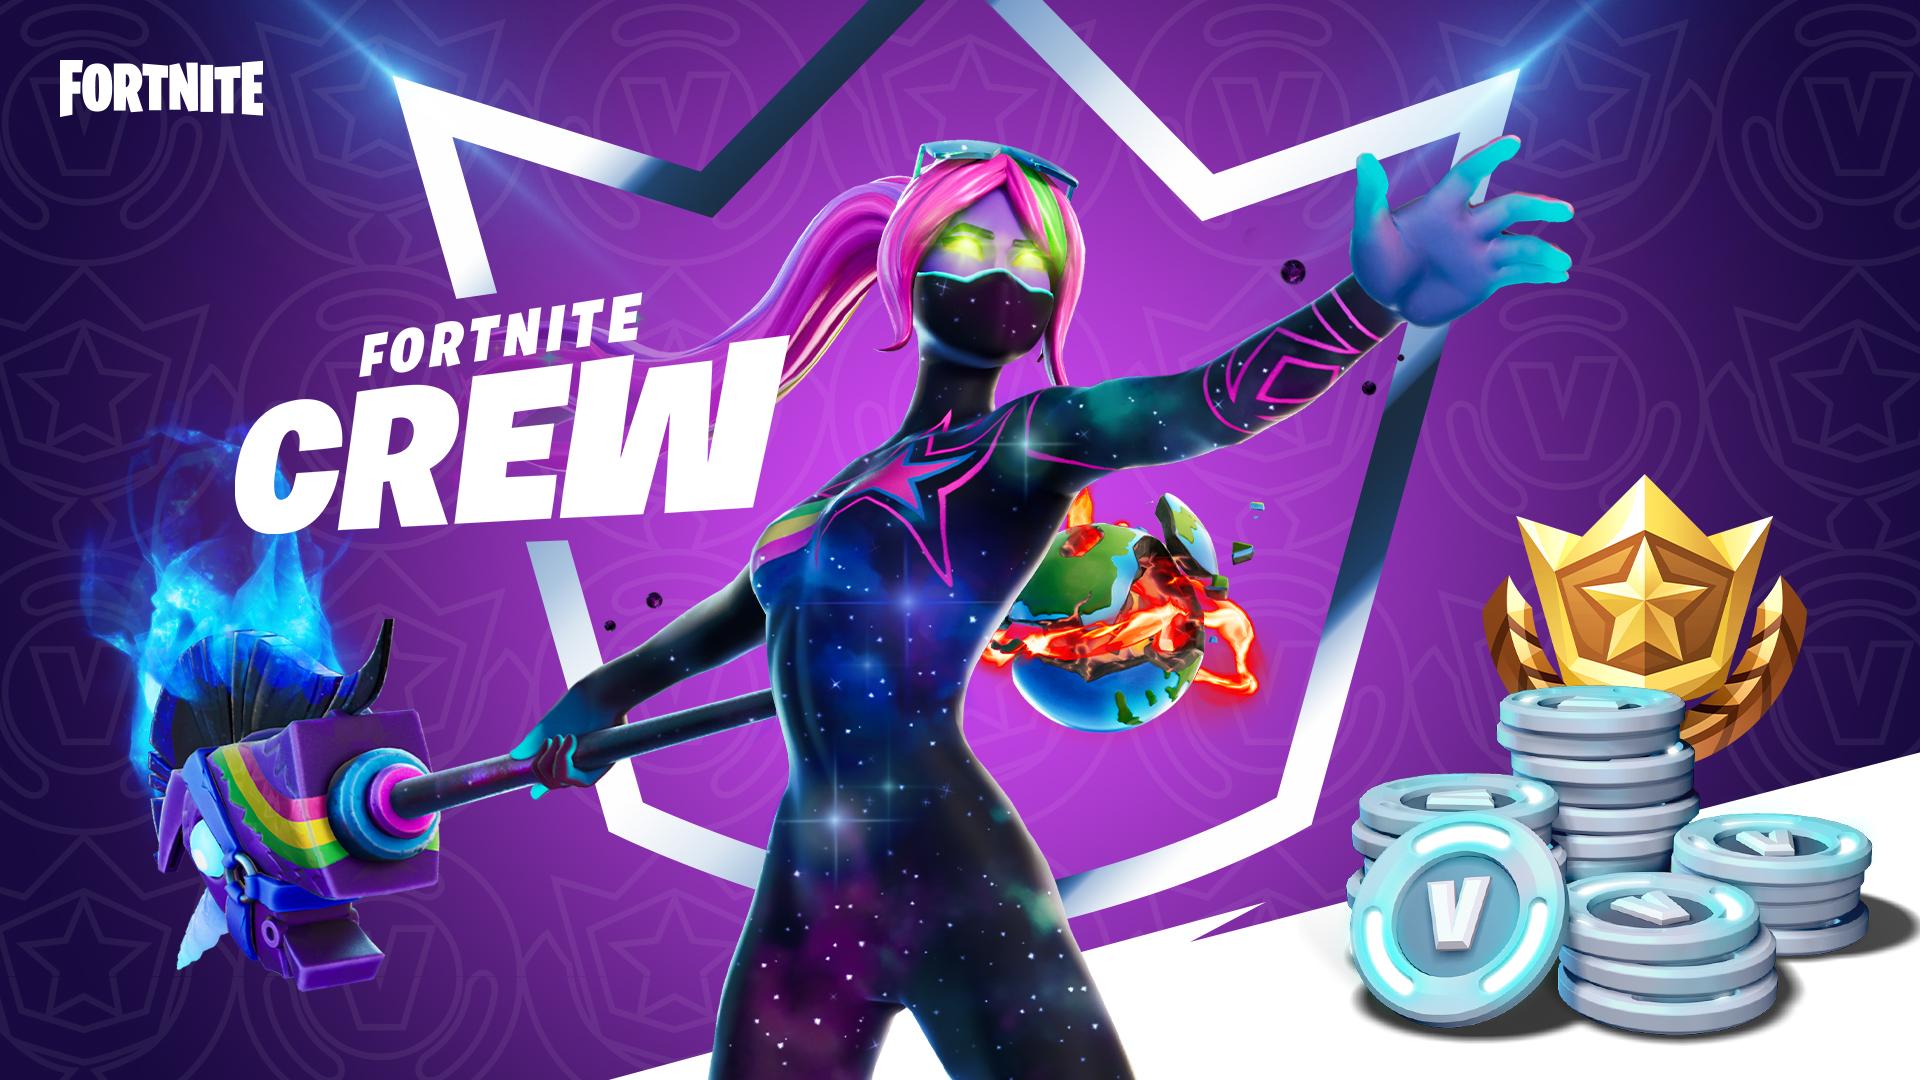 Fortnite's Fortnite Crew subscription service